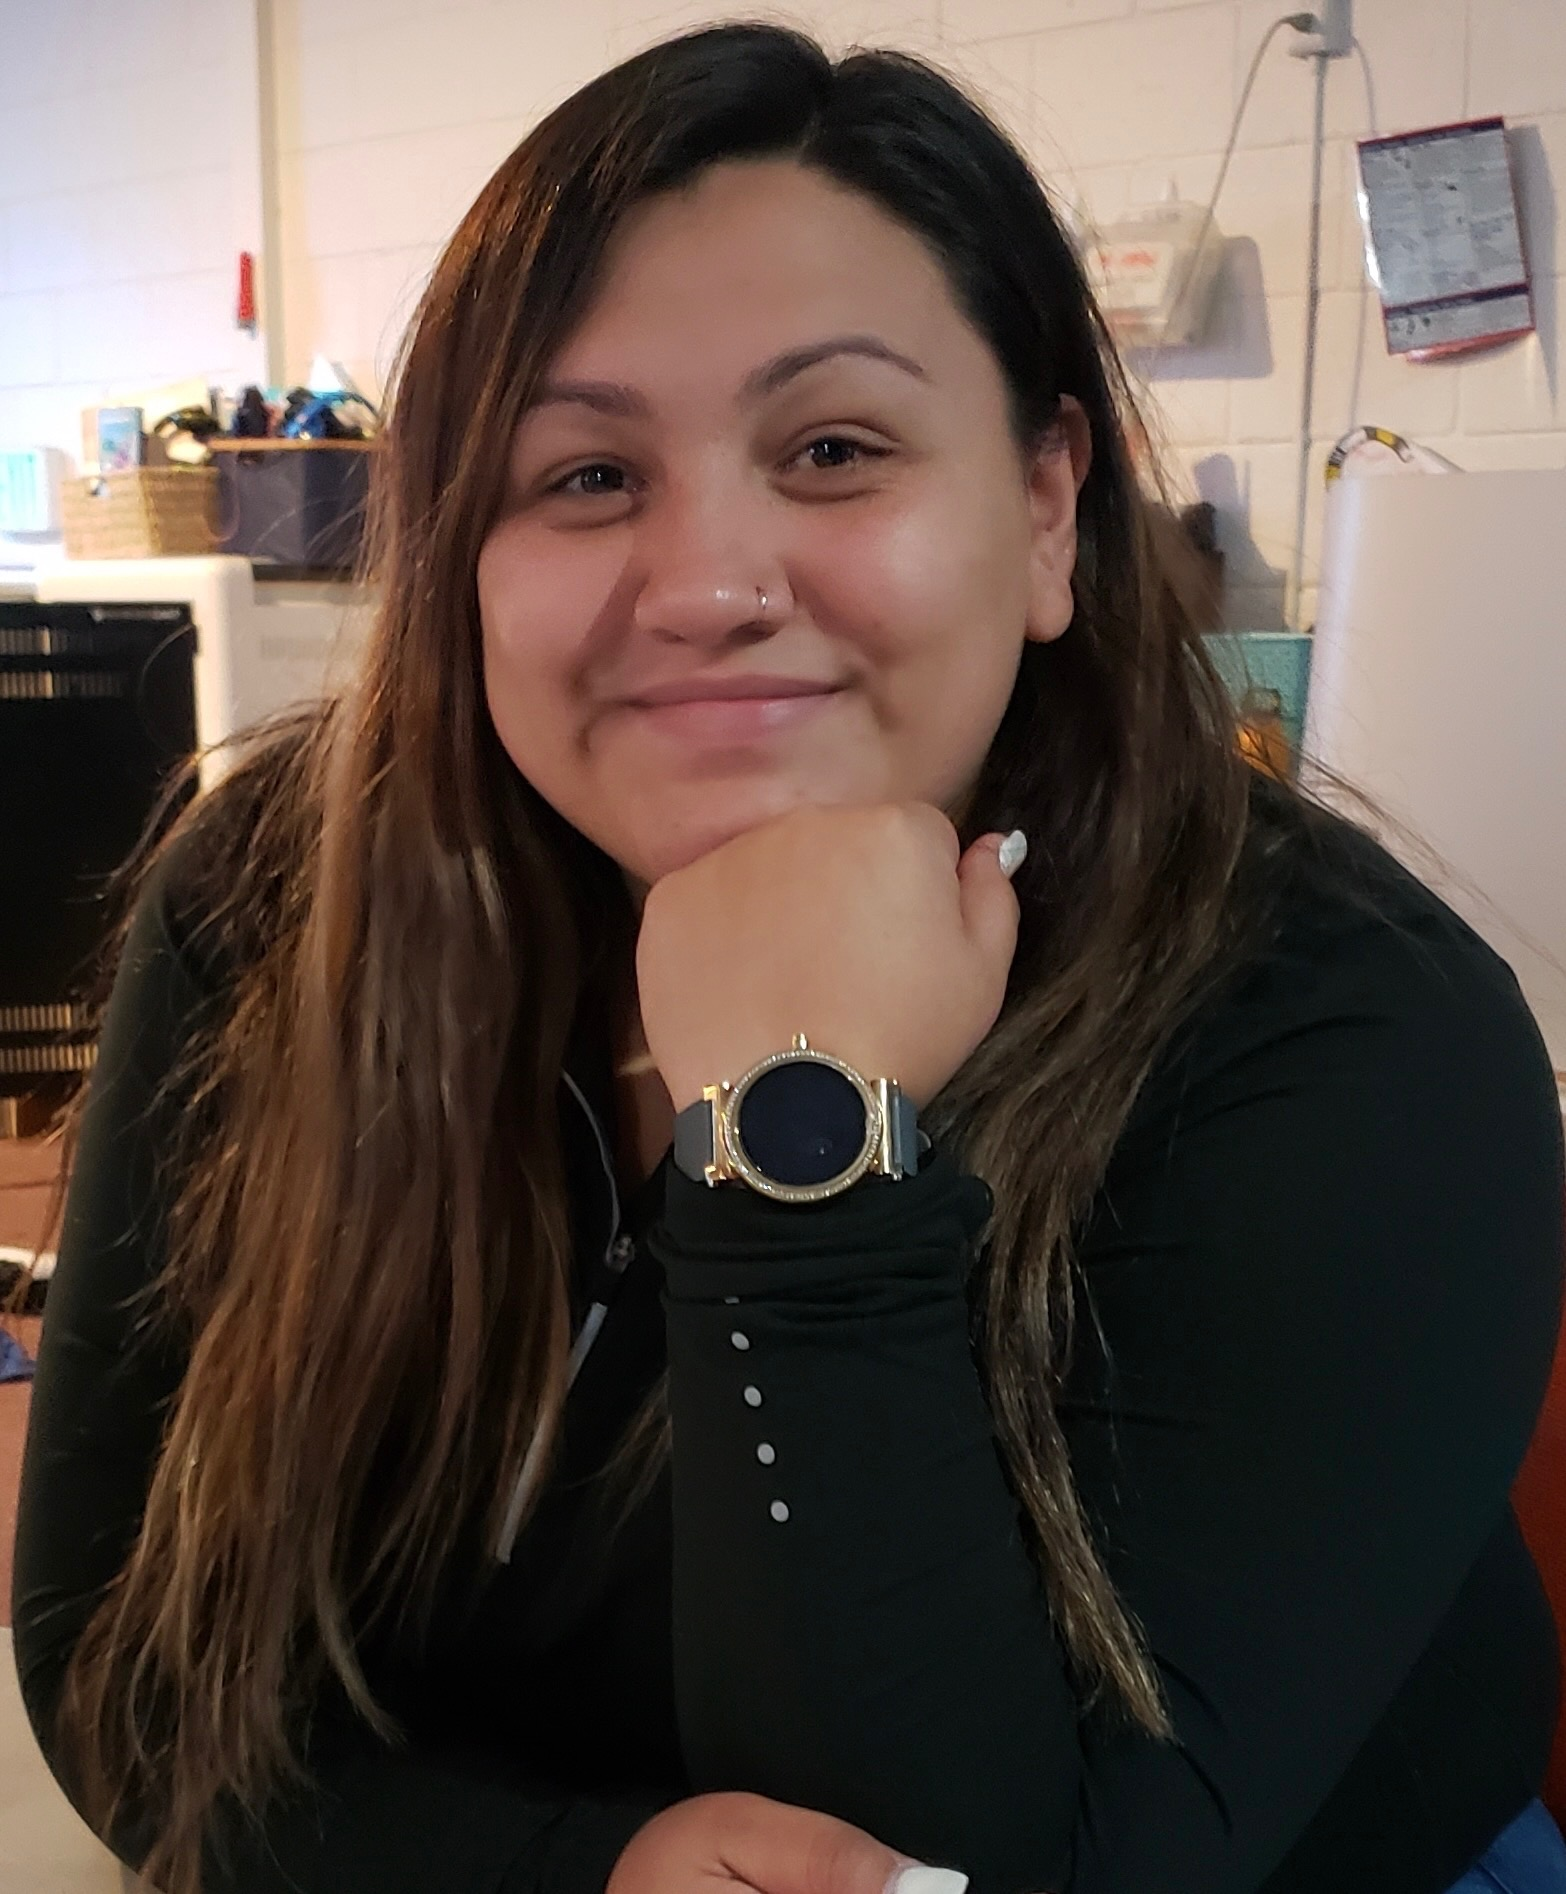 Denisee Sierra